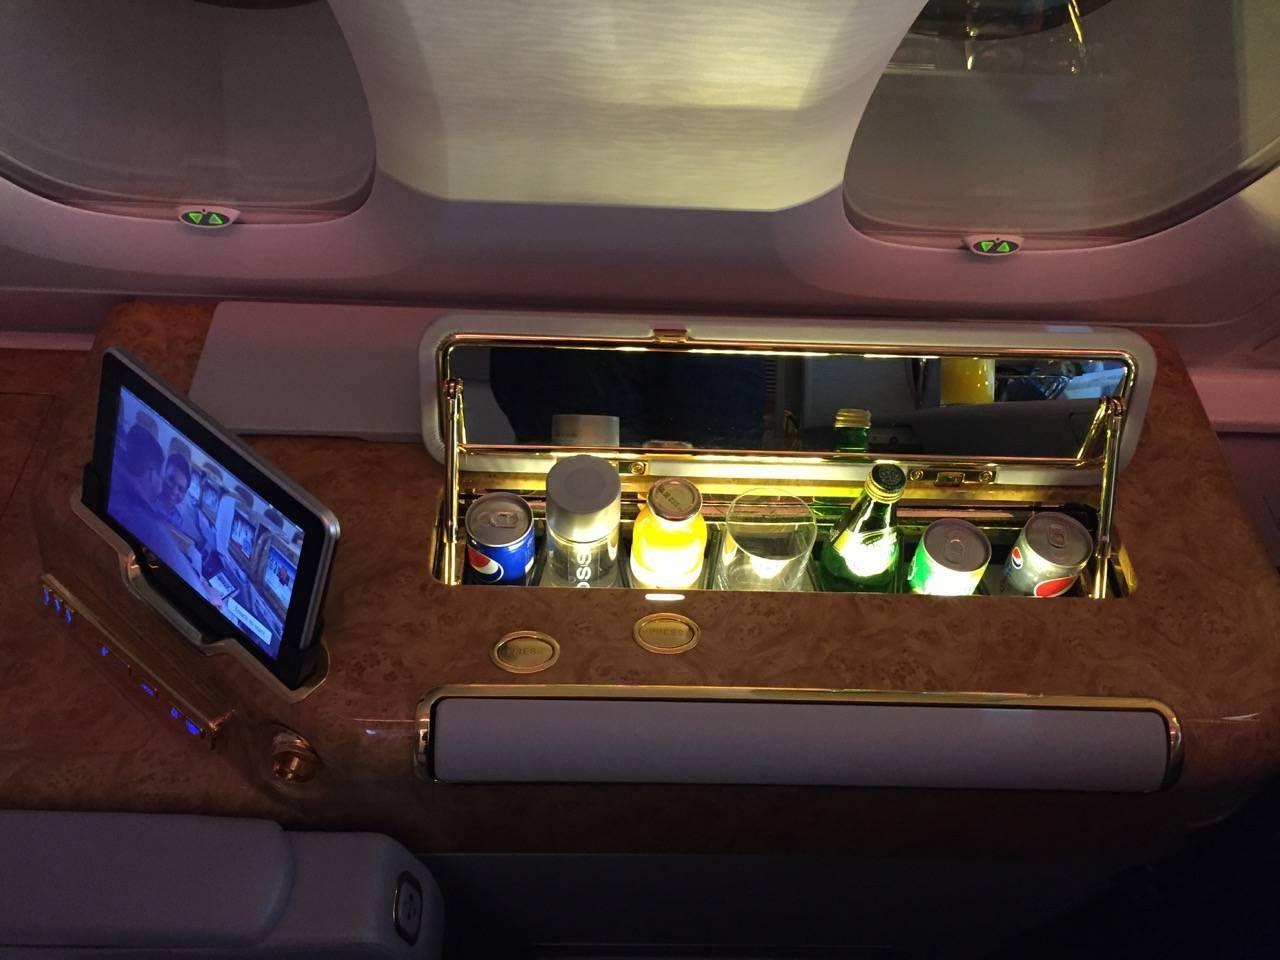 Emirates First Class A380 DXB-DFW-019